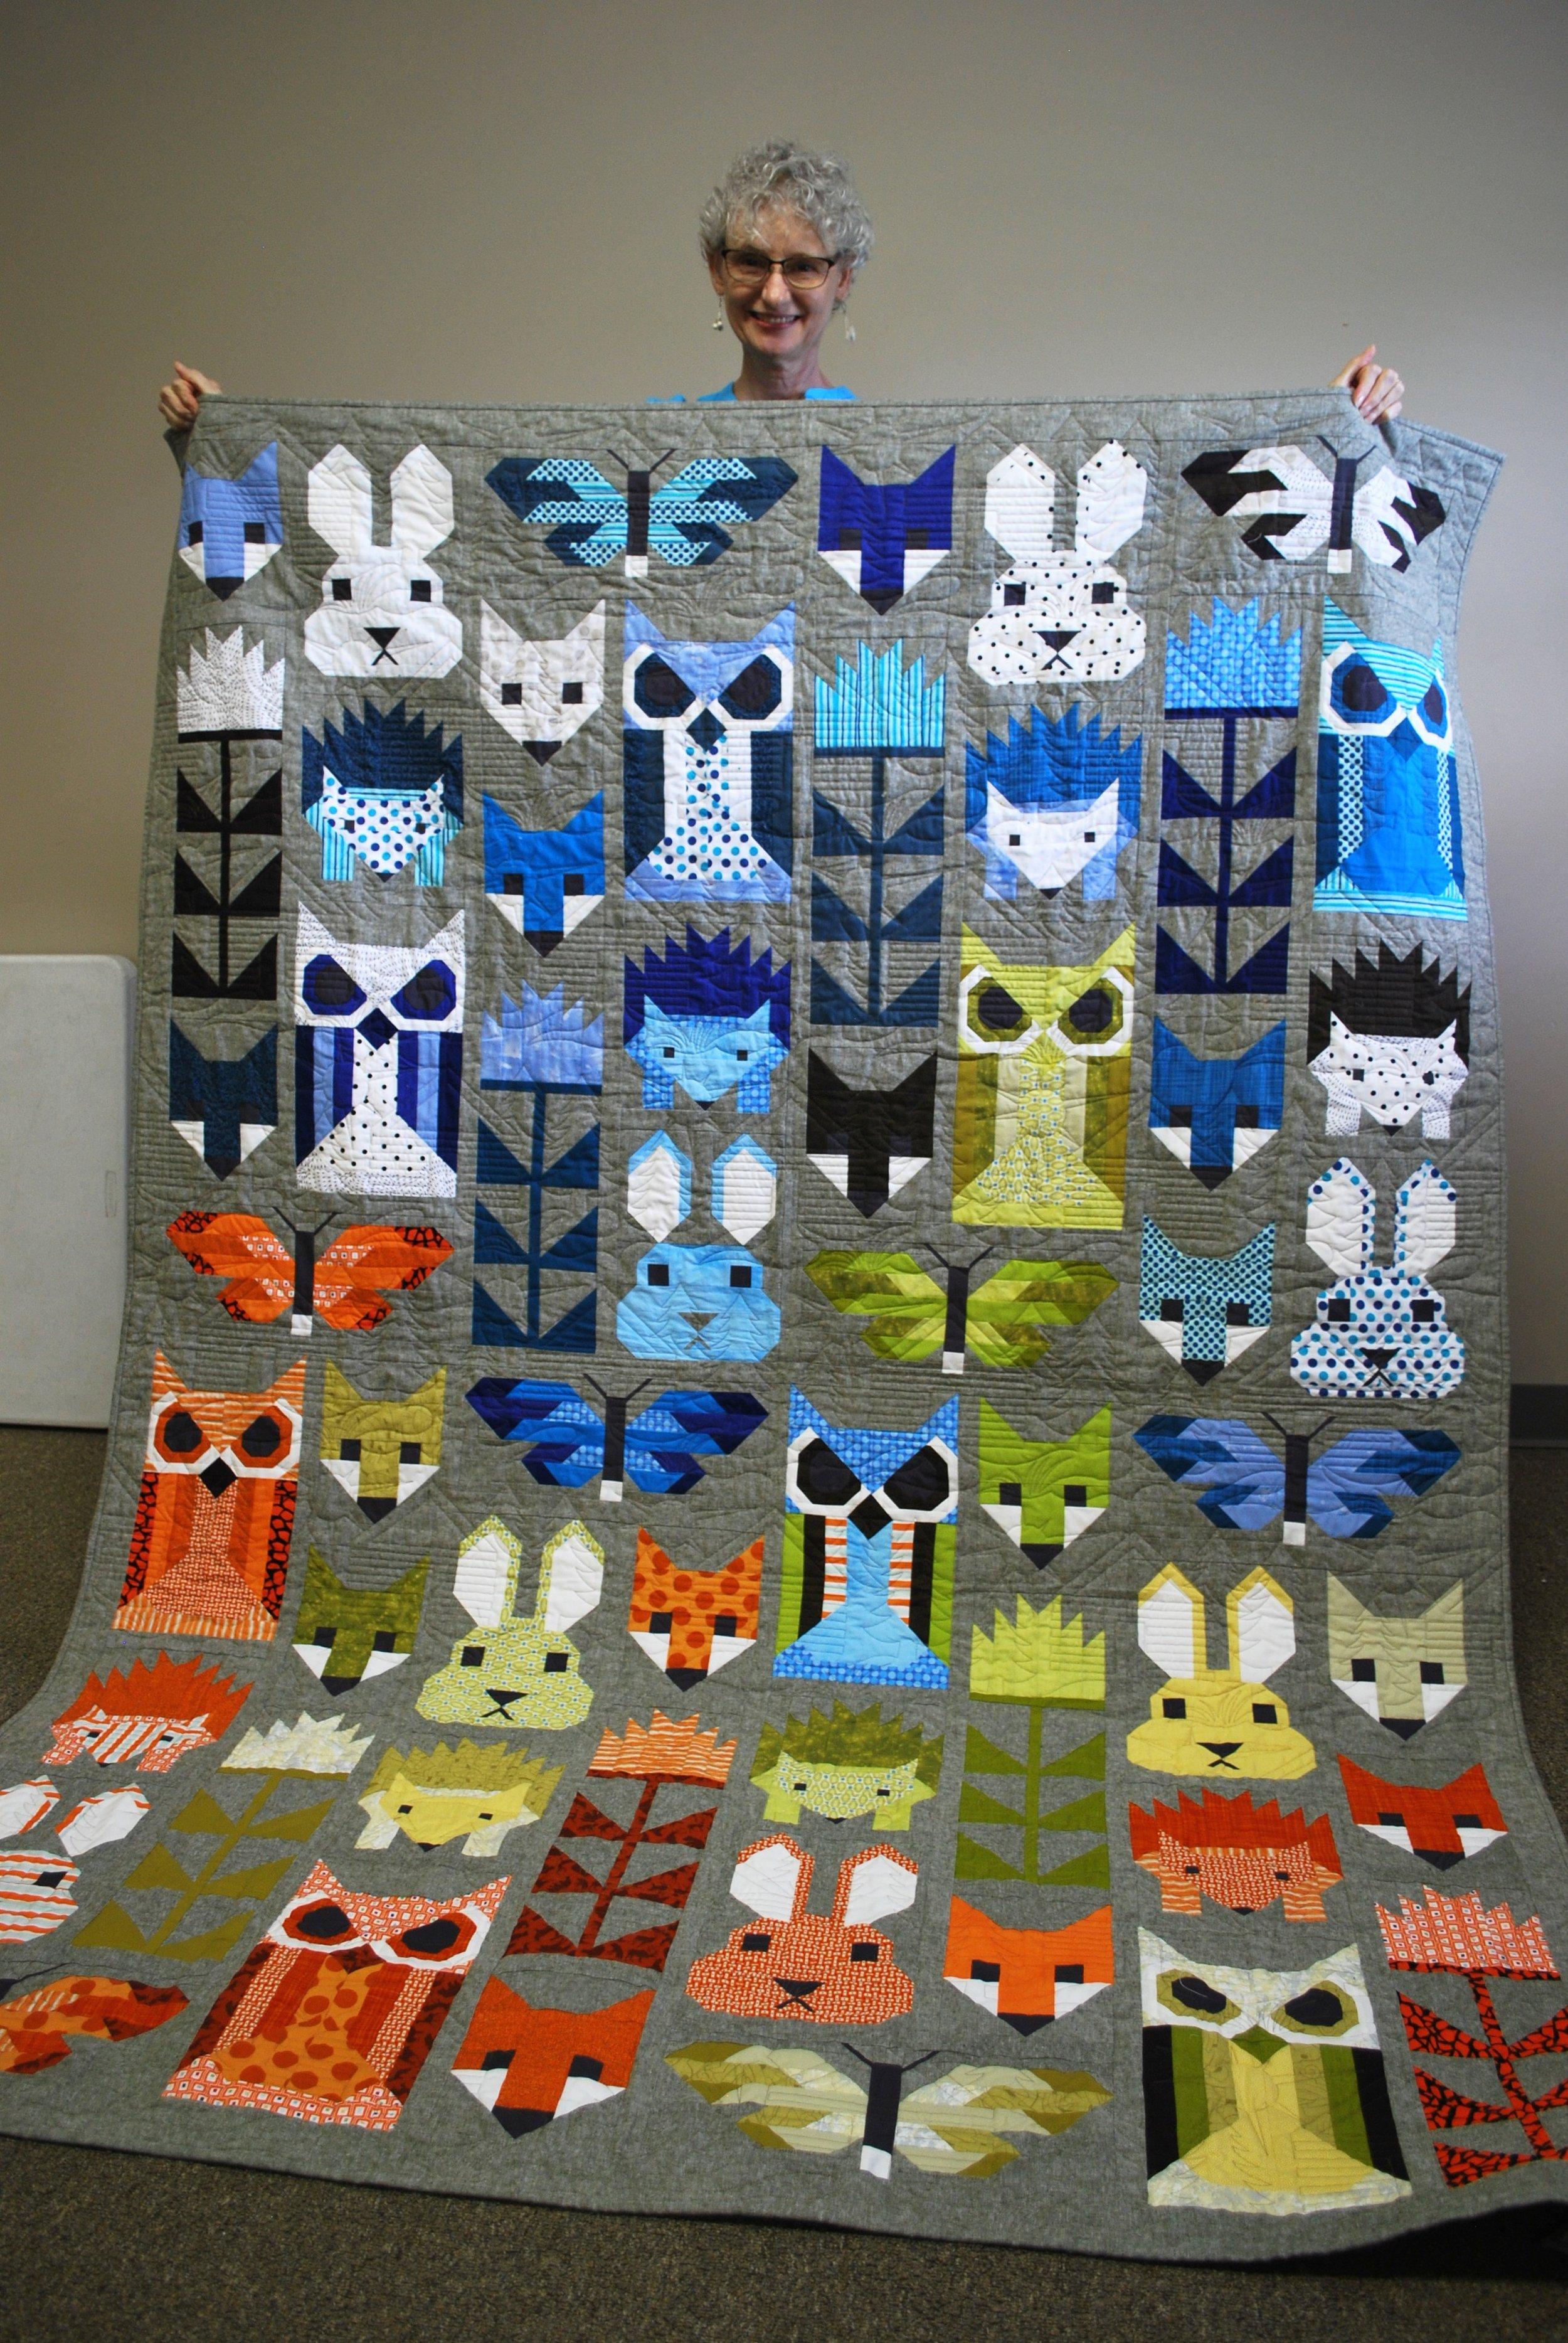 Fancy Forest quilt by Denise Ohlman (pattern by Elizabeth Hartman)